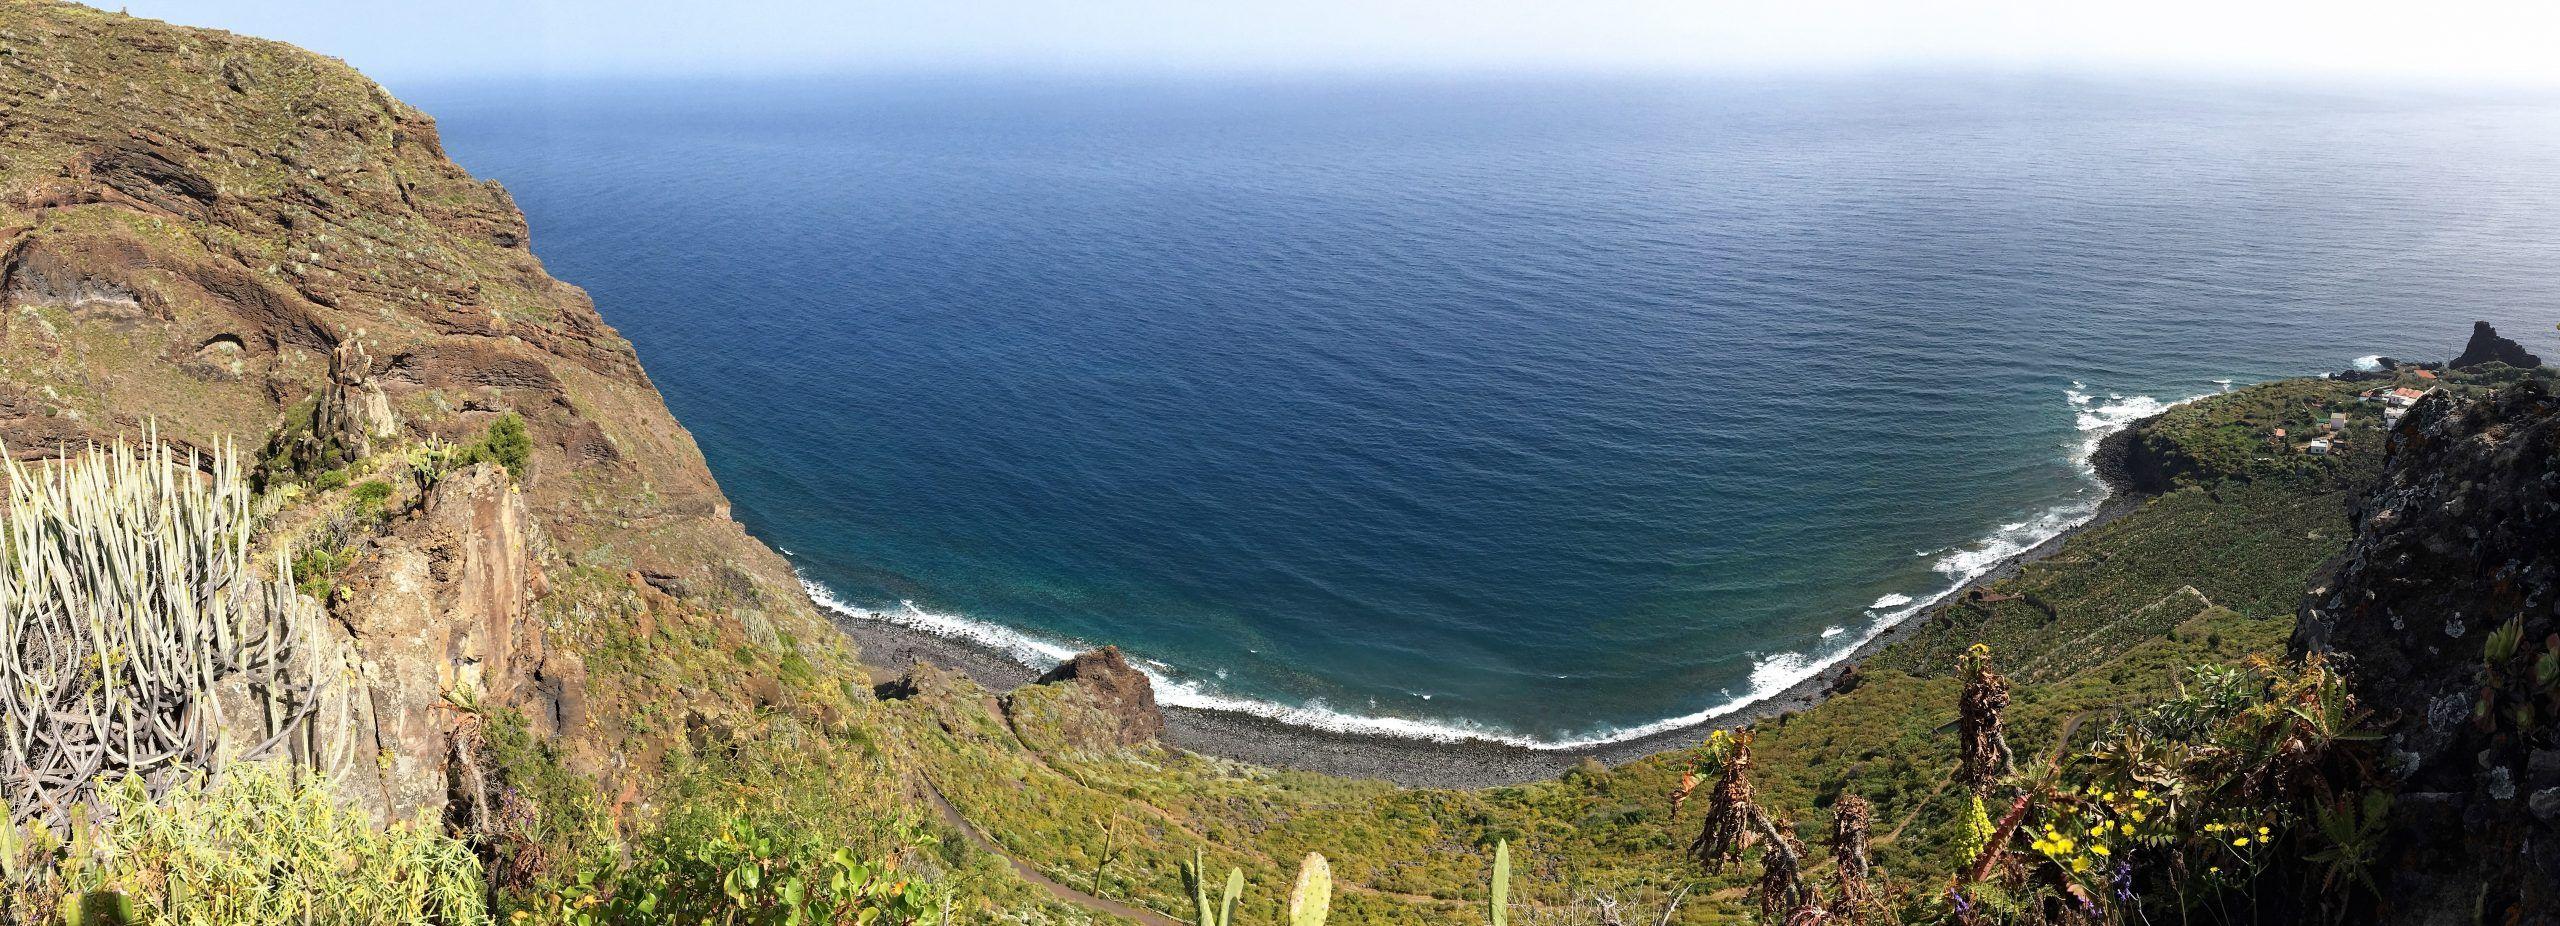 De noordkust van La Palma